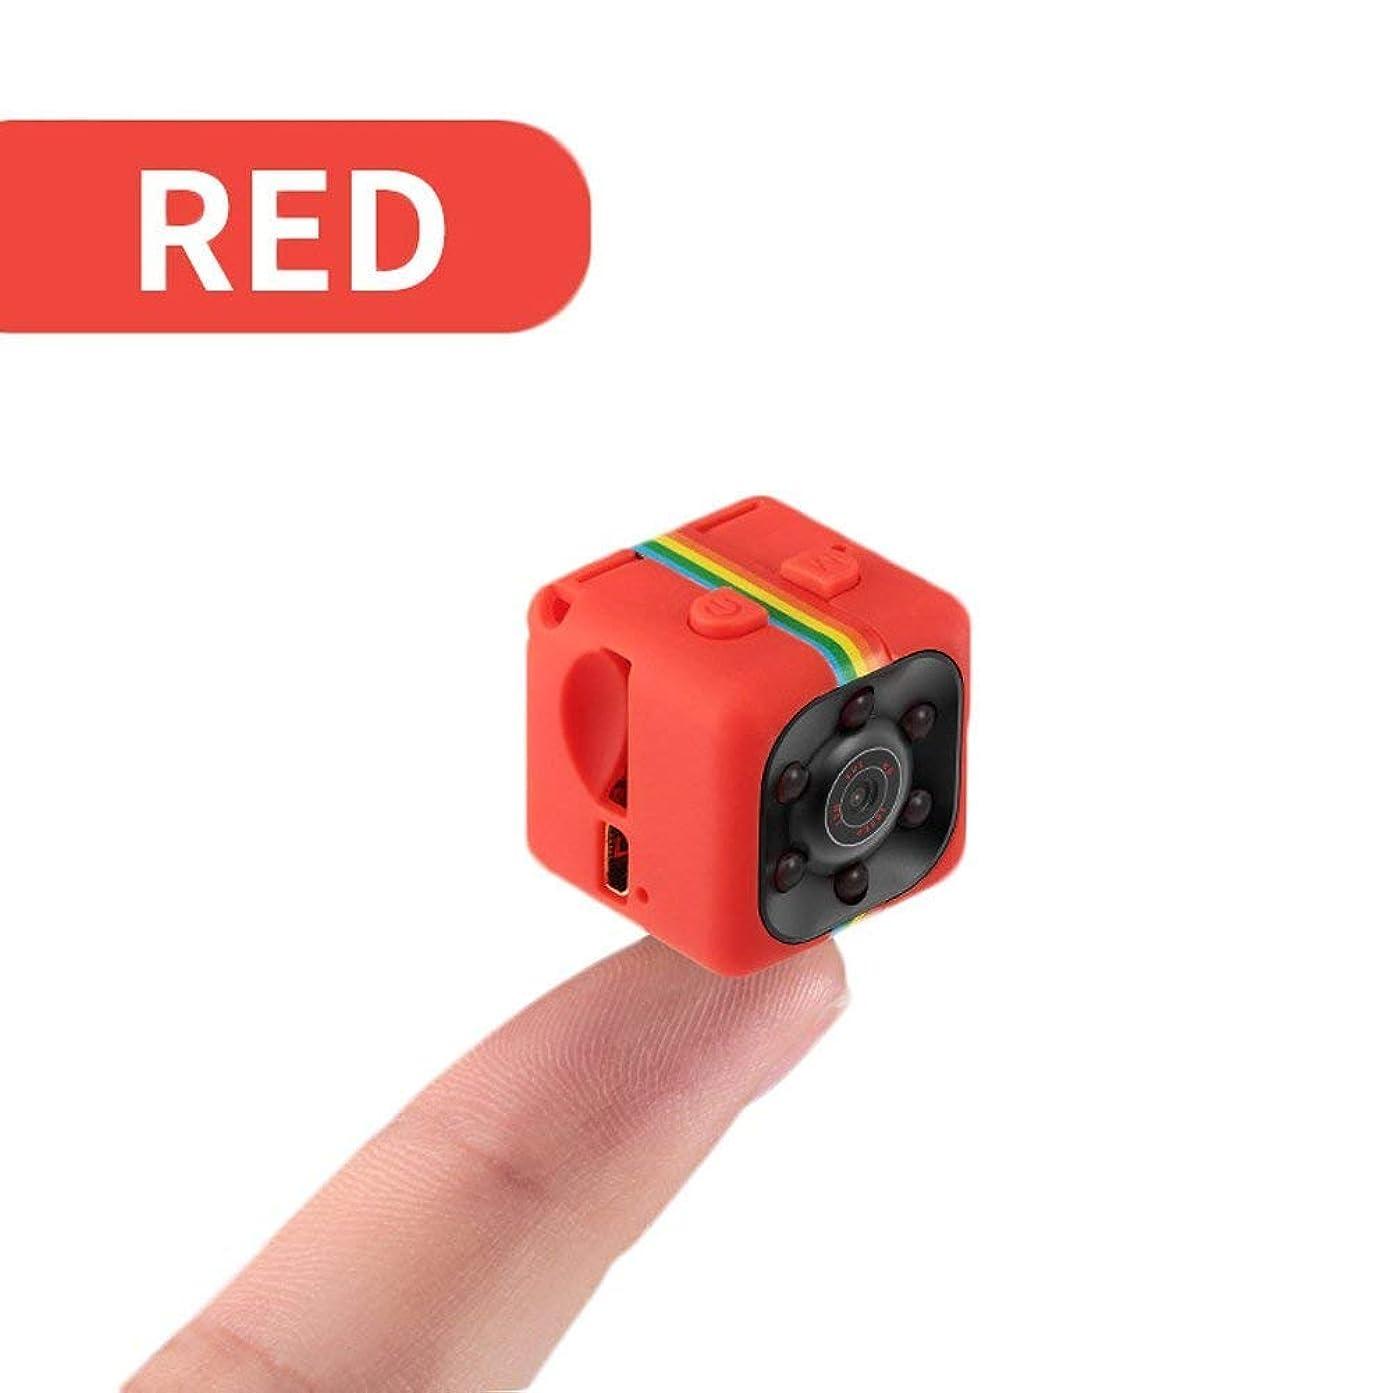 剣宇宙明らかにするミニビデオカメラ 高画質 elecfanJ 小型カメラ 動体検知付き 録画 暗視機能 フルハイビジョン赤外 USB充電式